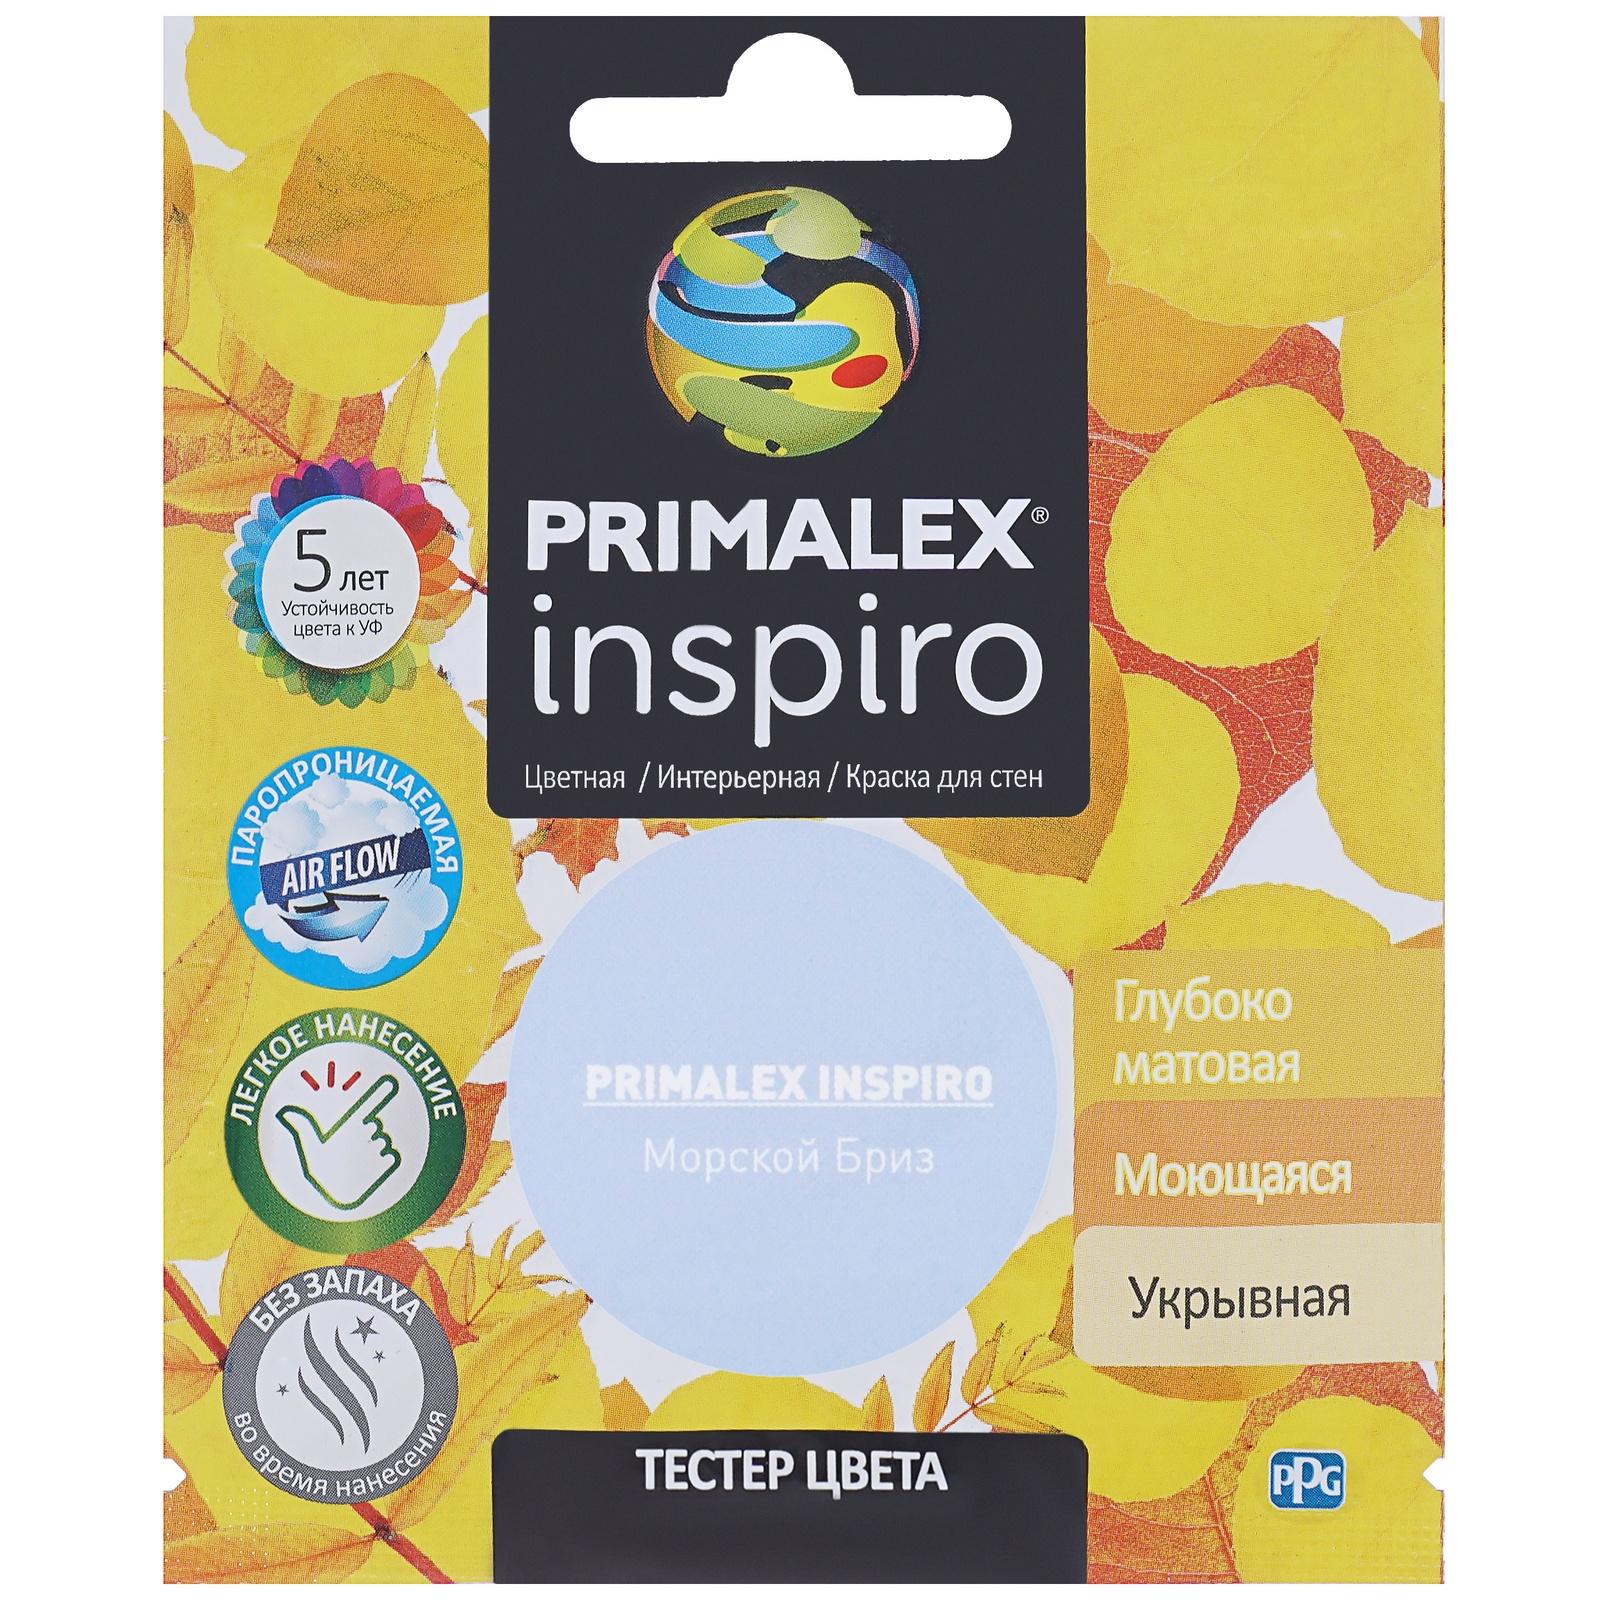 Краска Primalex Inspiro Морской Бриз 40мл краска ppg primalex inspiro красный мак 40мл pmx i47